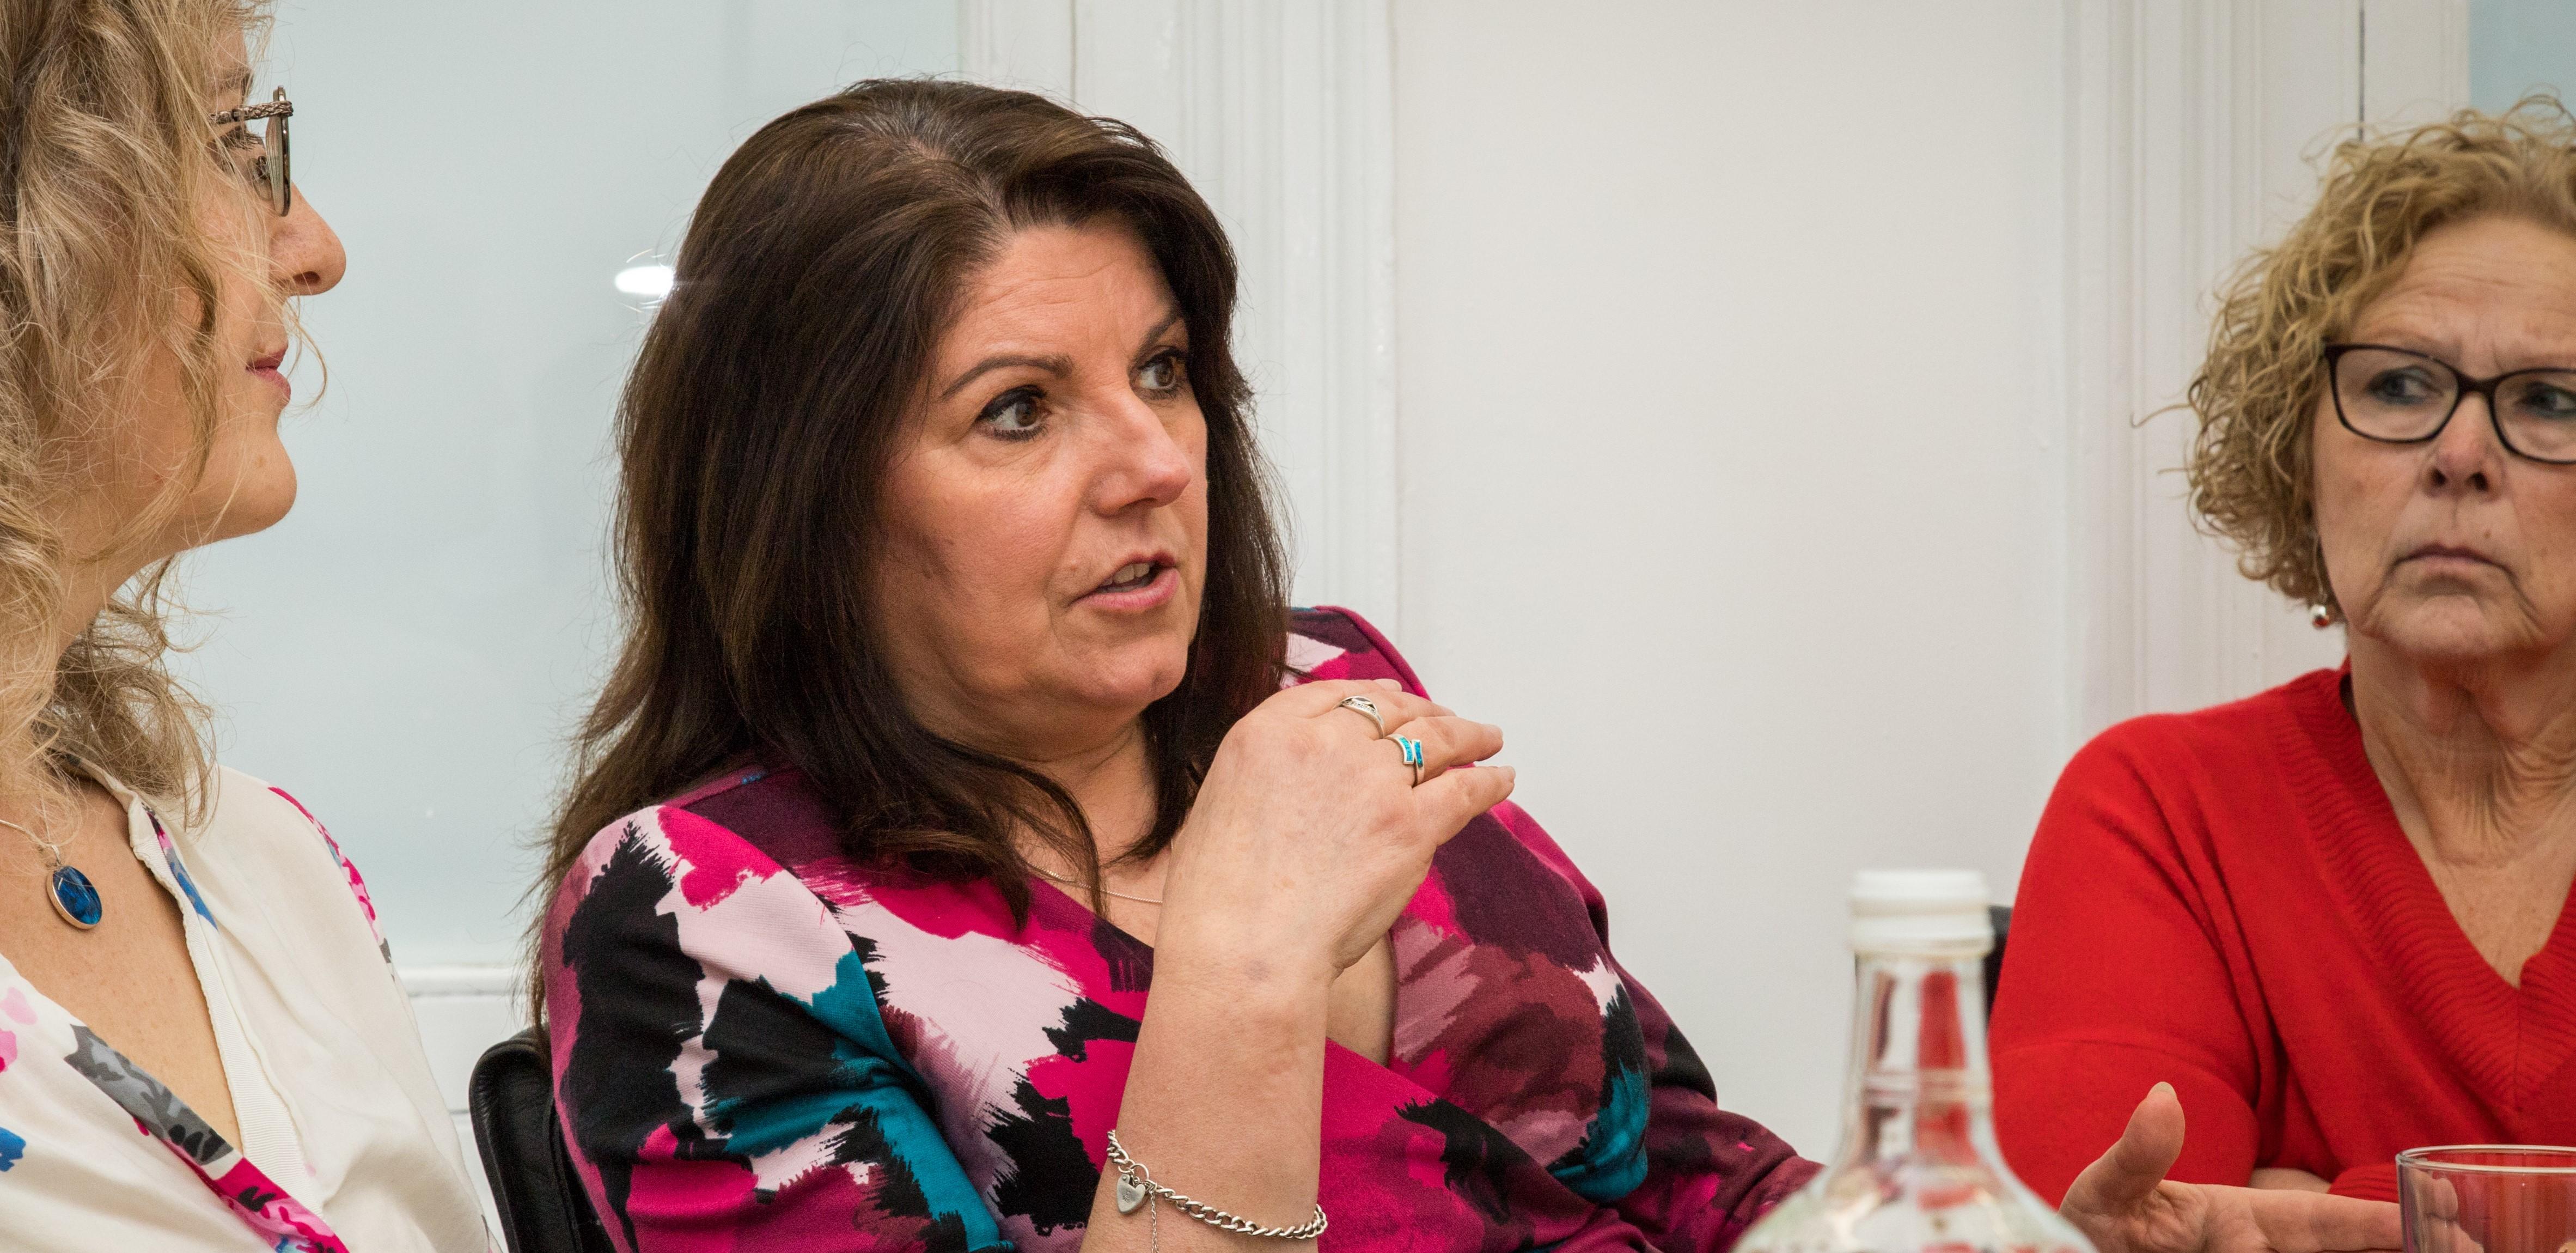 Daniela Corradini在会议上